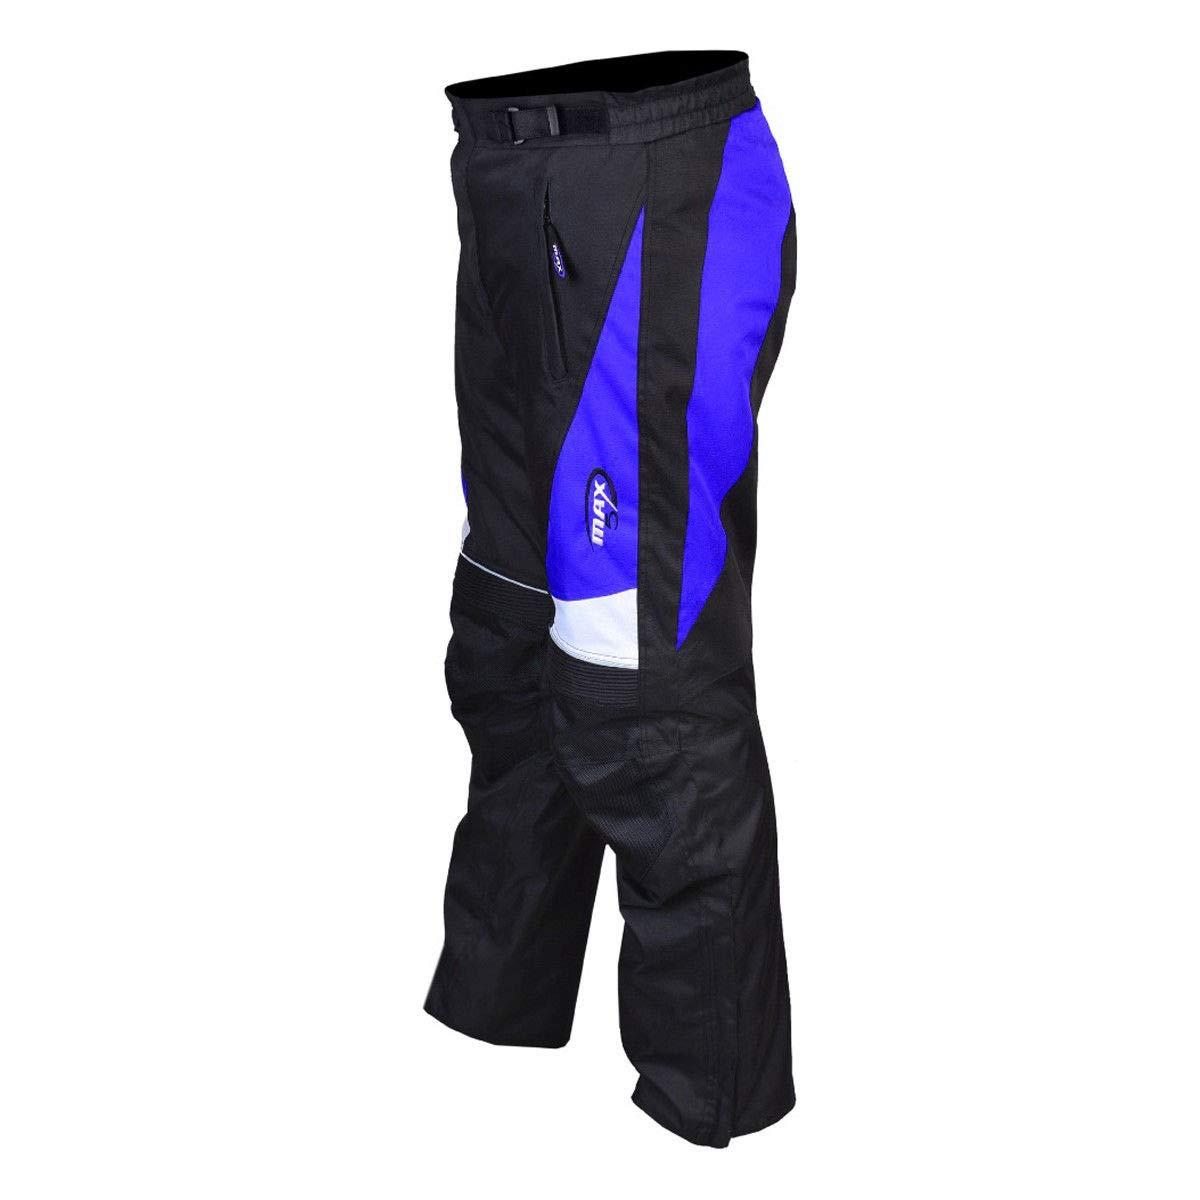 Max5/pour moto Pantalon de pluie Pantalon Longueur compl/ète Sports Bulk Motif Polyester Cordura Tissu Mat/ériau de qualit/é premium